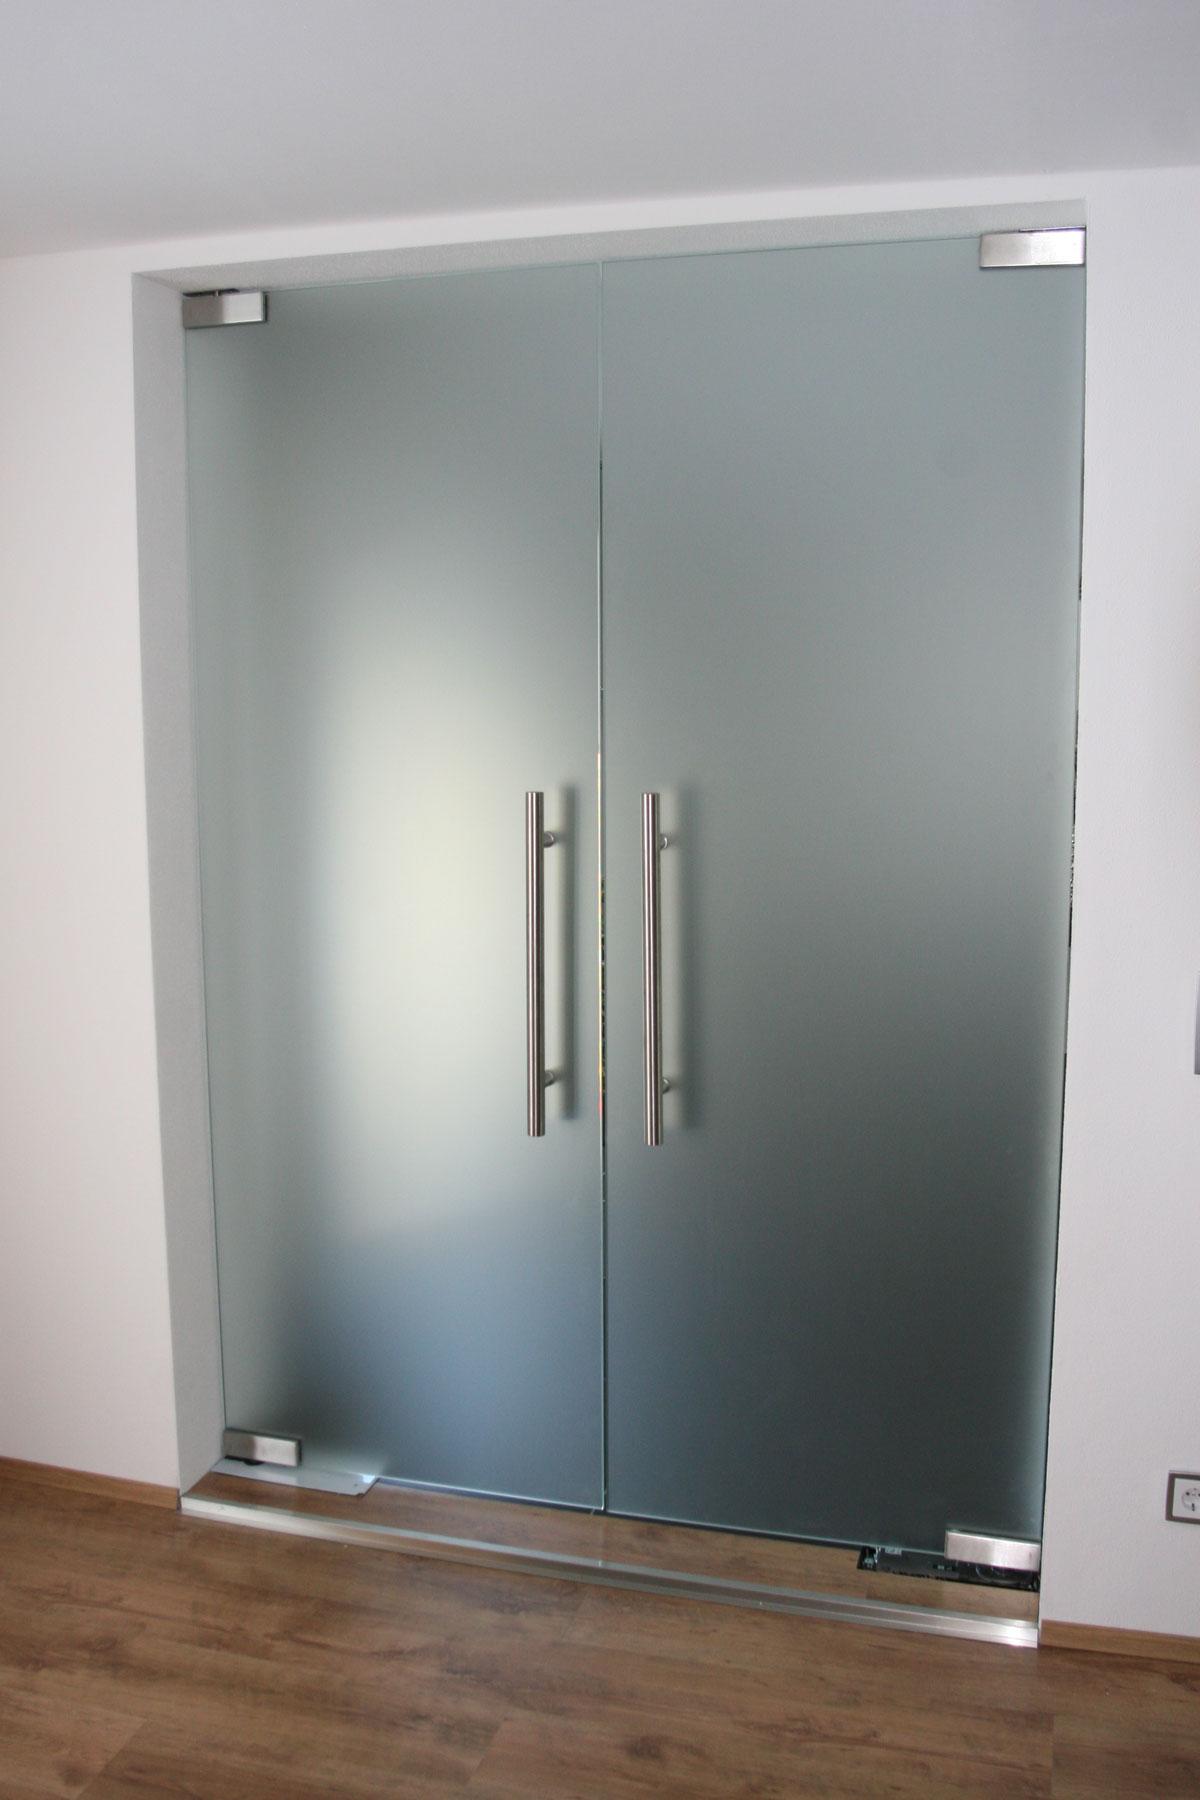 Sklenarstvi-Prerost-sklenene- steny-a-dvere (34)